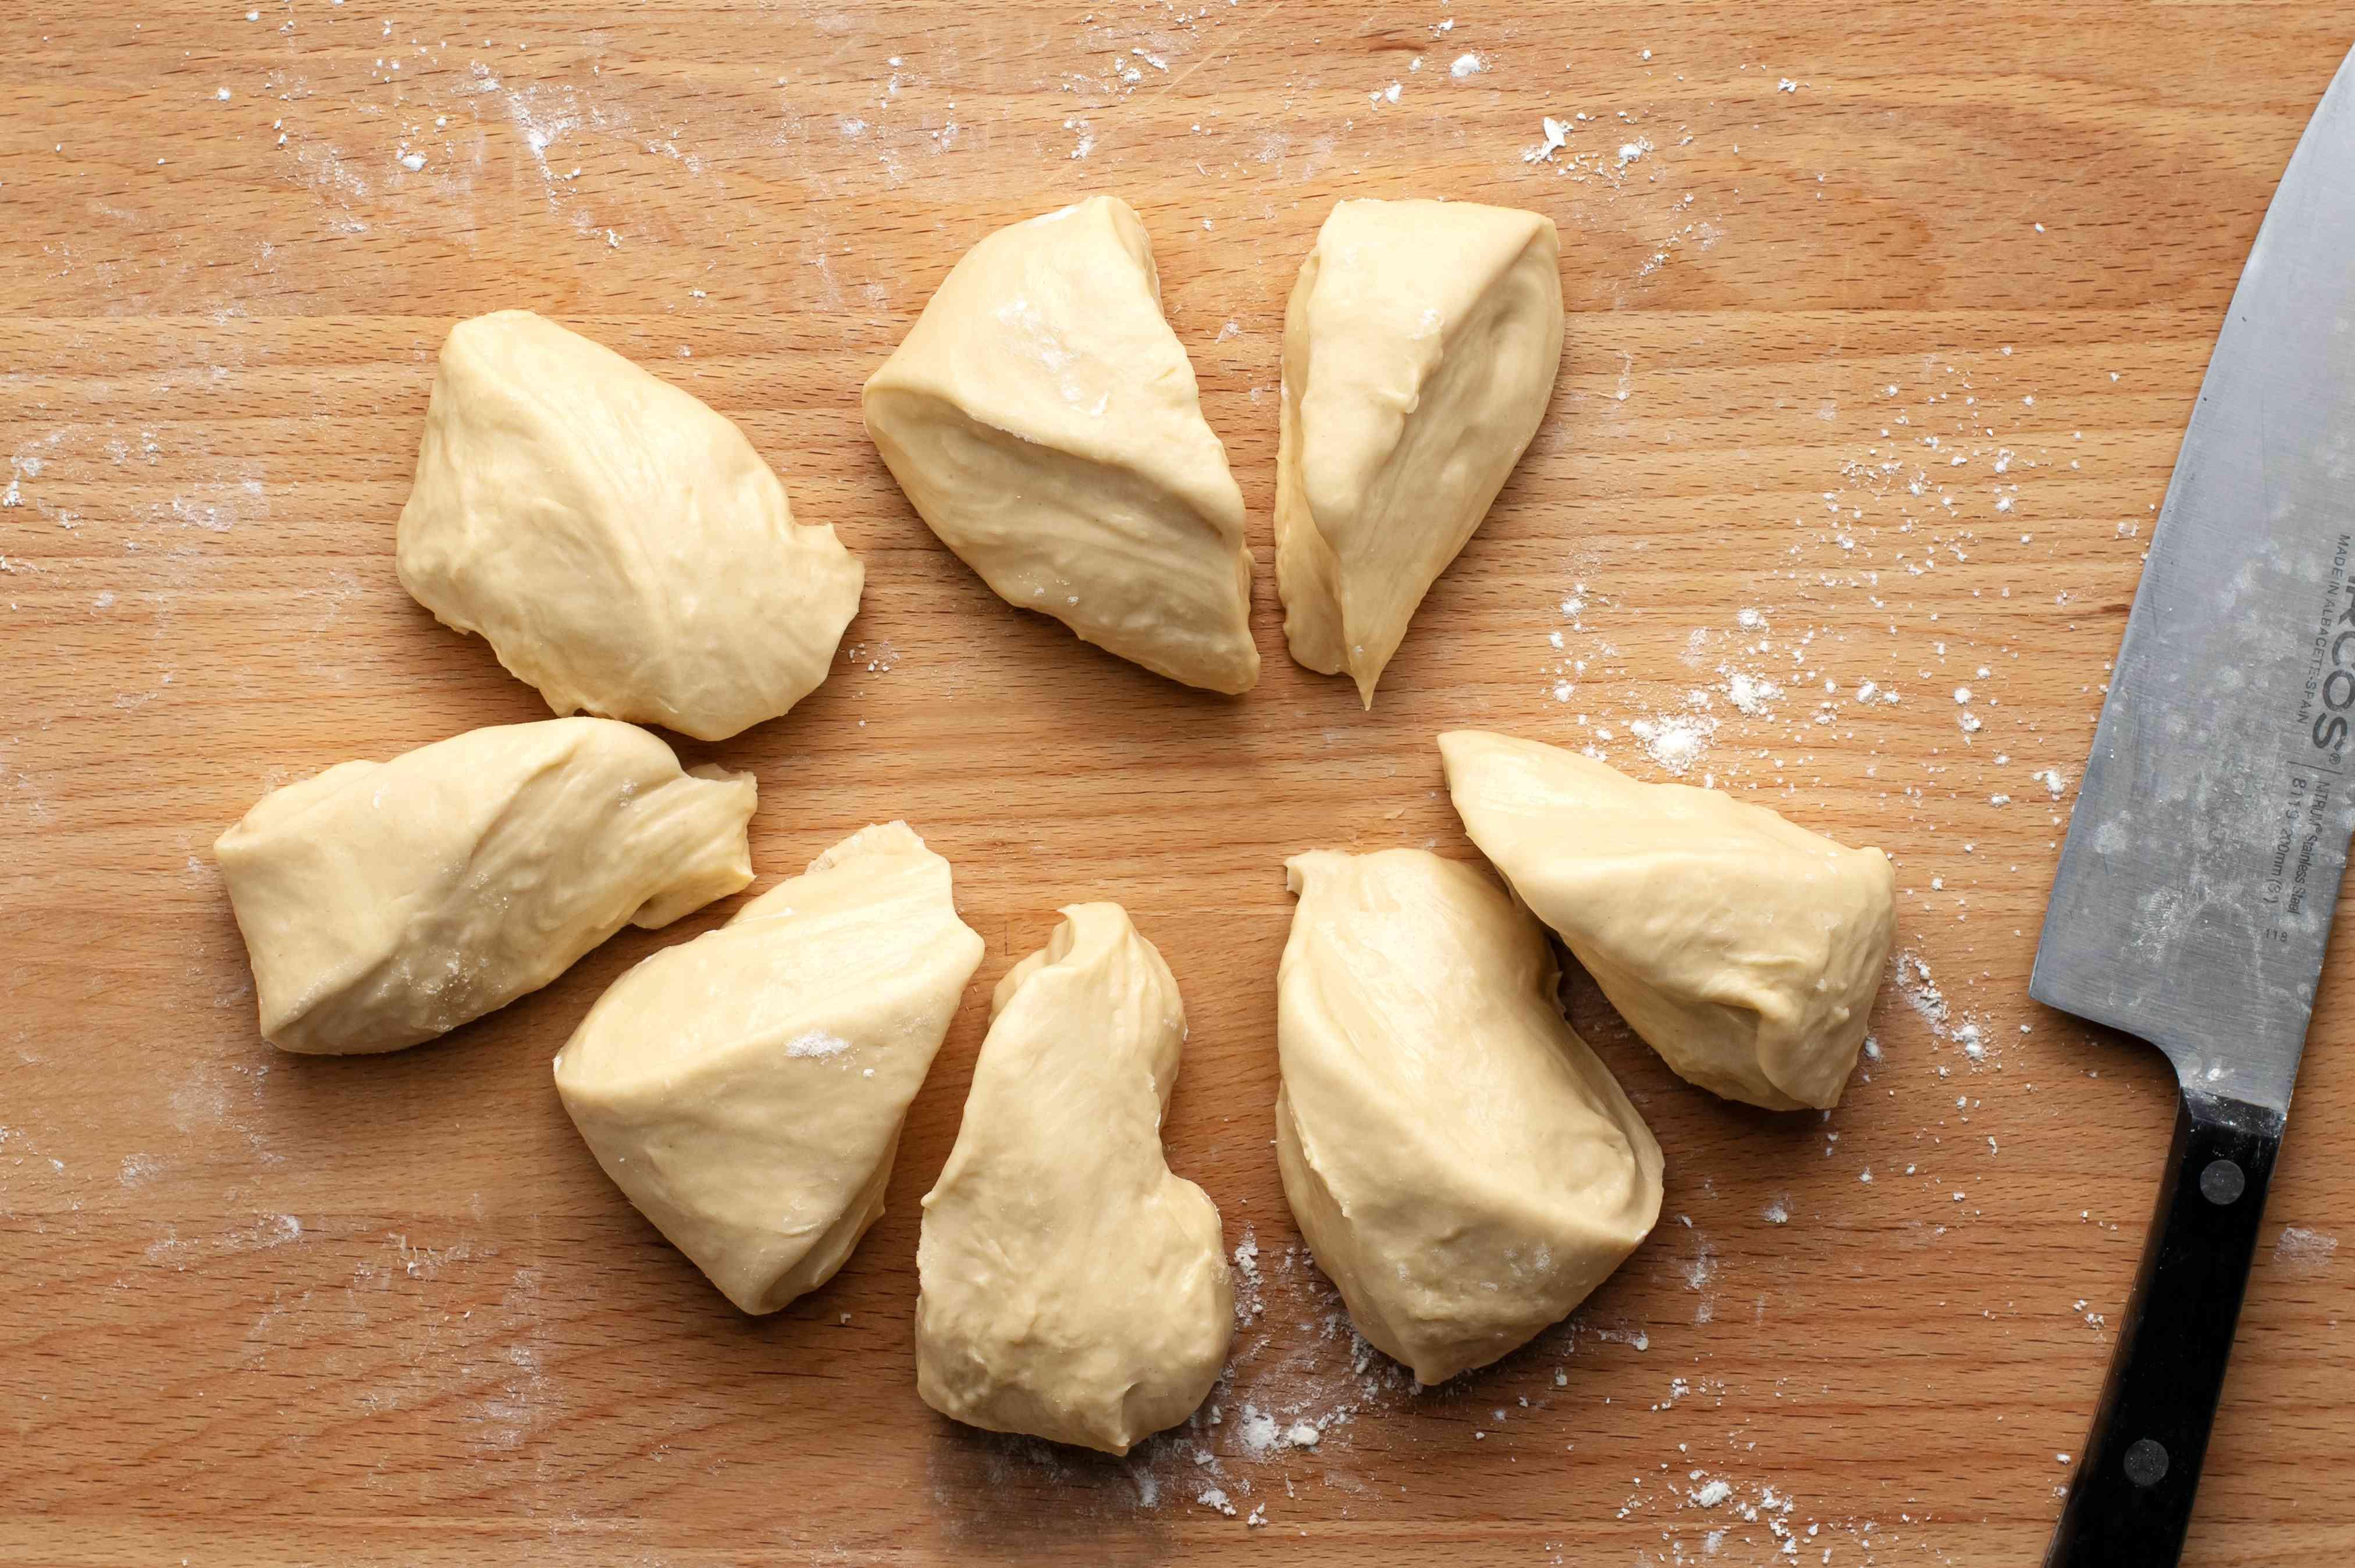 dough cut into pieces